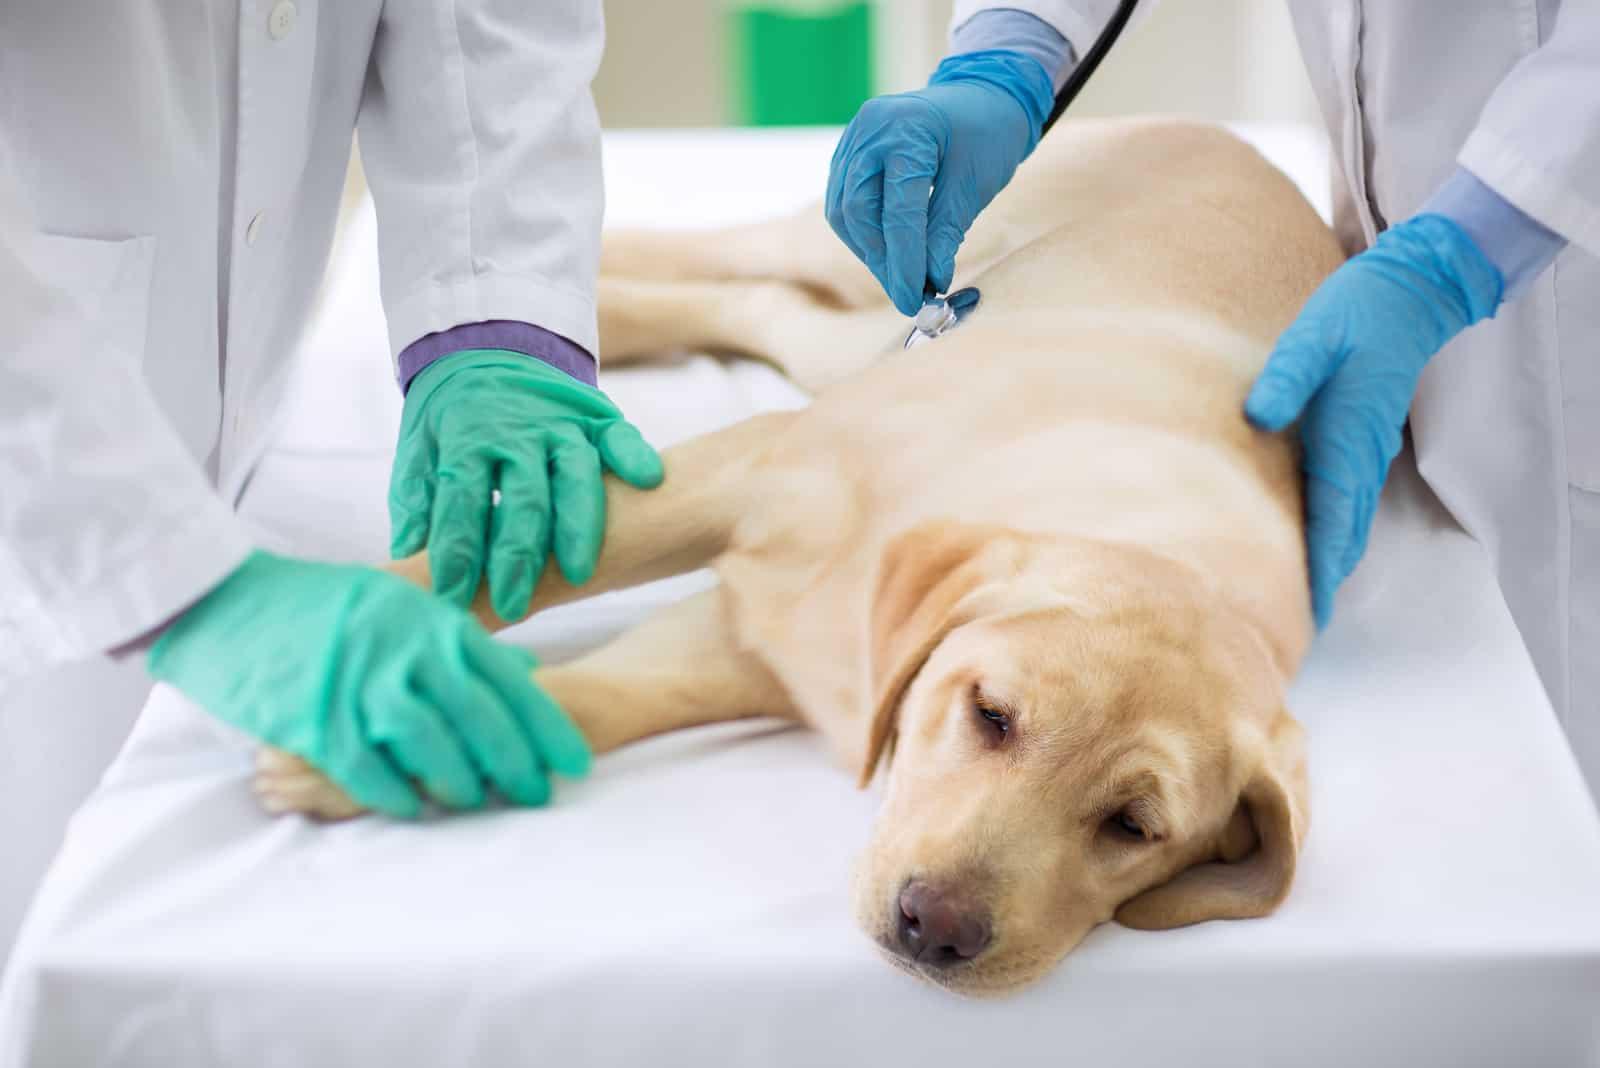 Untersuchung eines kranken Hundes beim Tierarzt